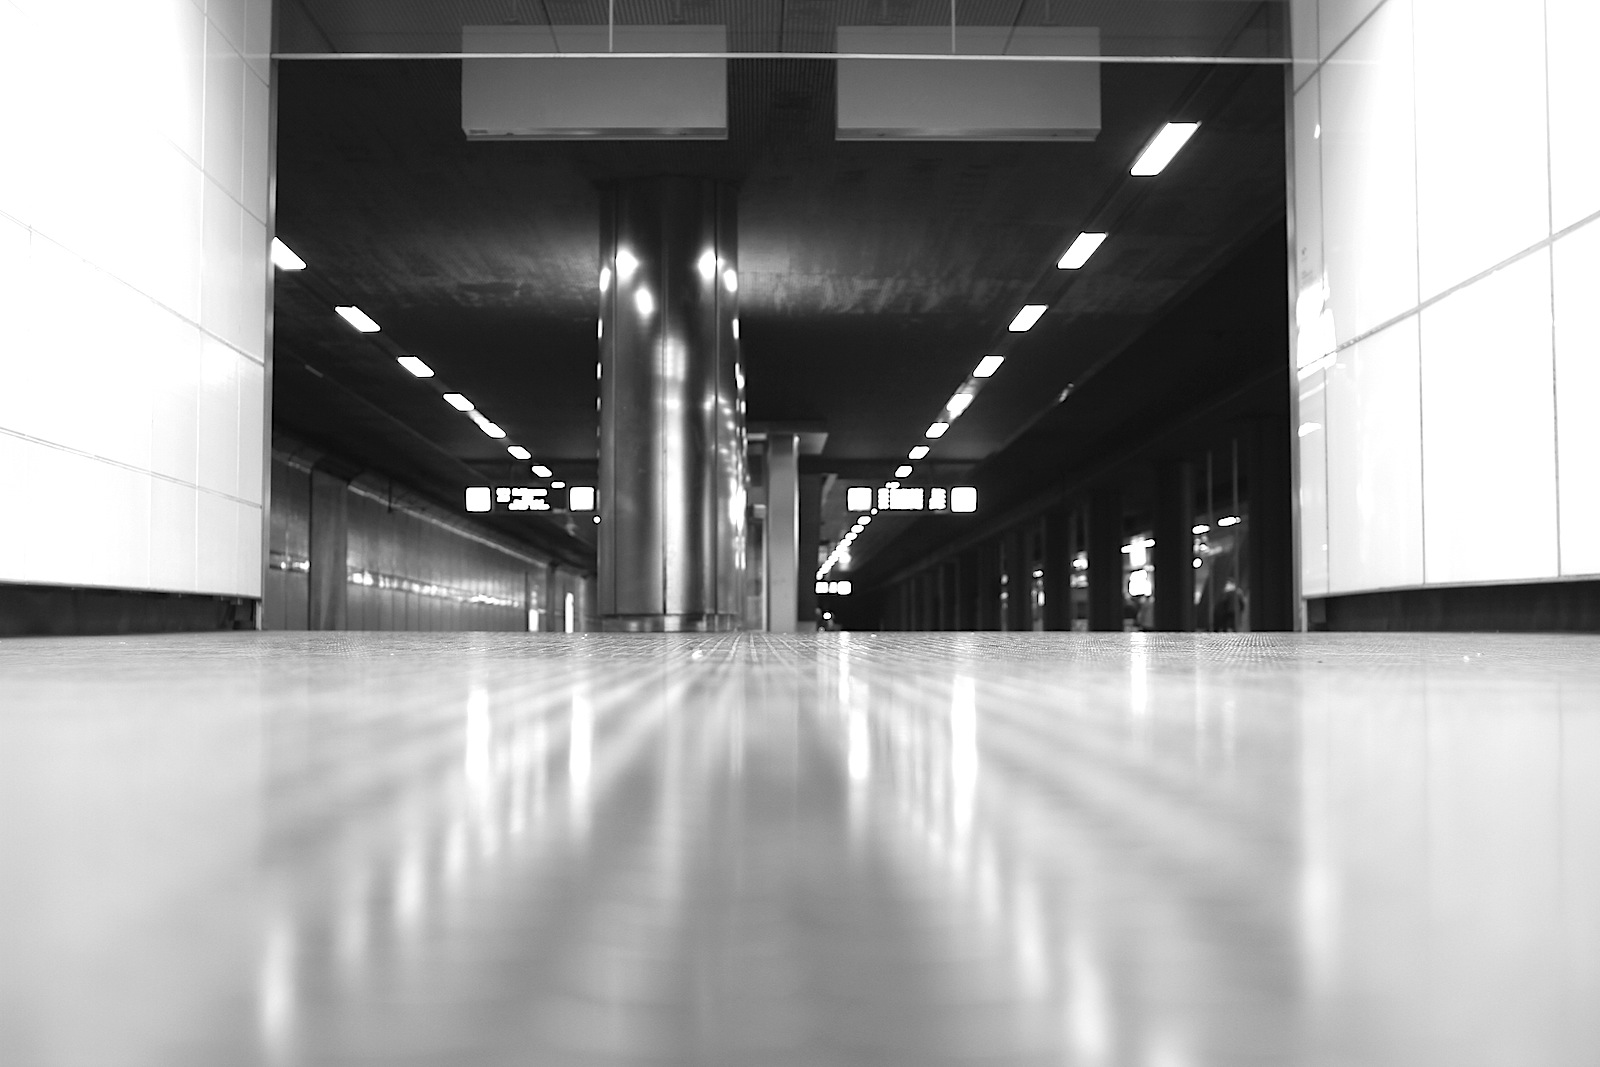 Station Heinrich-Heine-Allee.